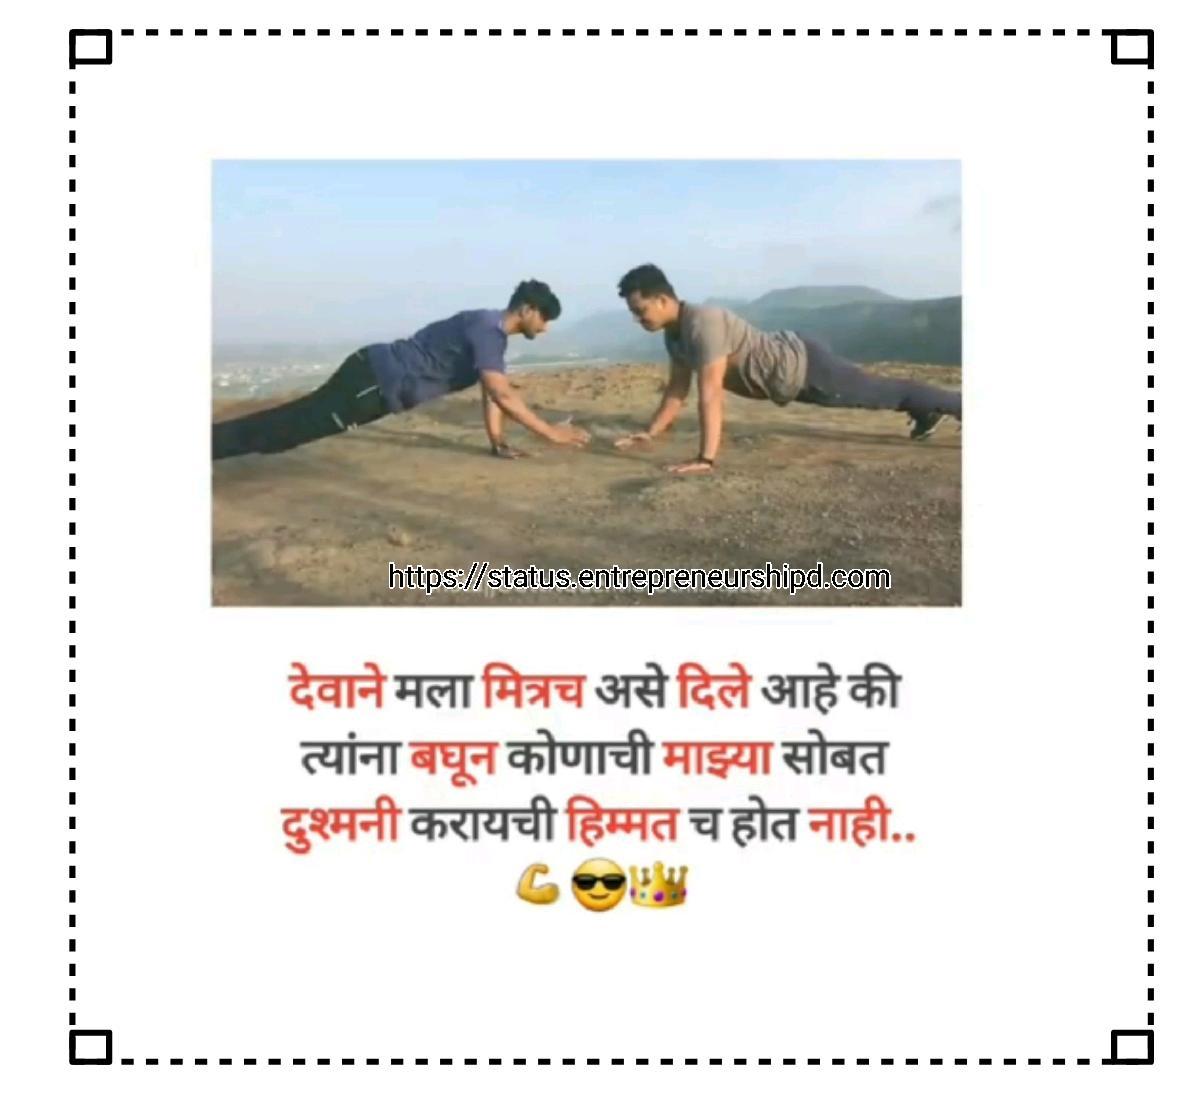 Marathi attitude status for boy text Fb marathi attitude status friendship Fb marathi attitude status dosti Marathi attitude status caption Marathi attitude status dp Marathi attitude ego status Marathi attitude status with emoji